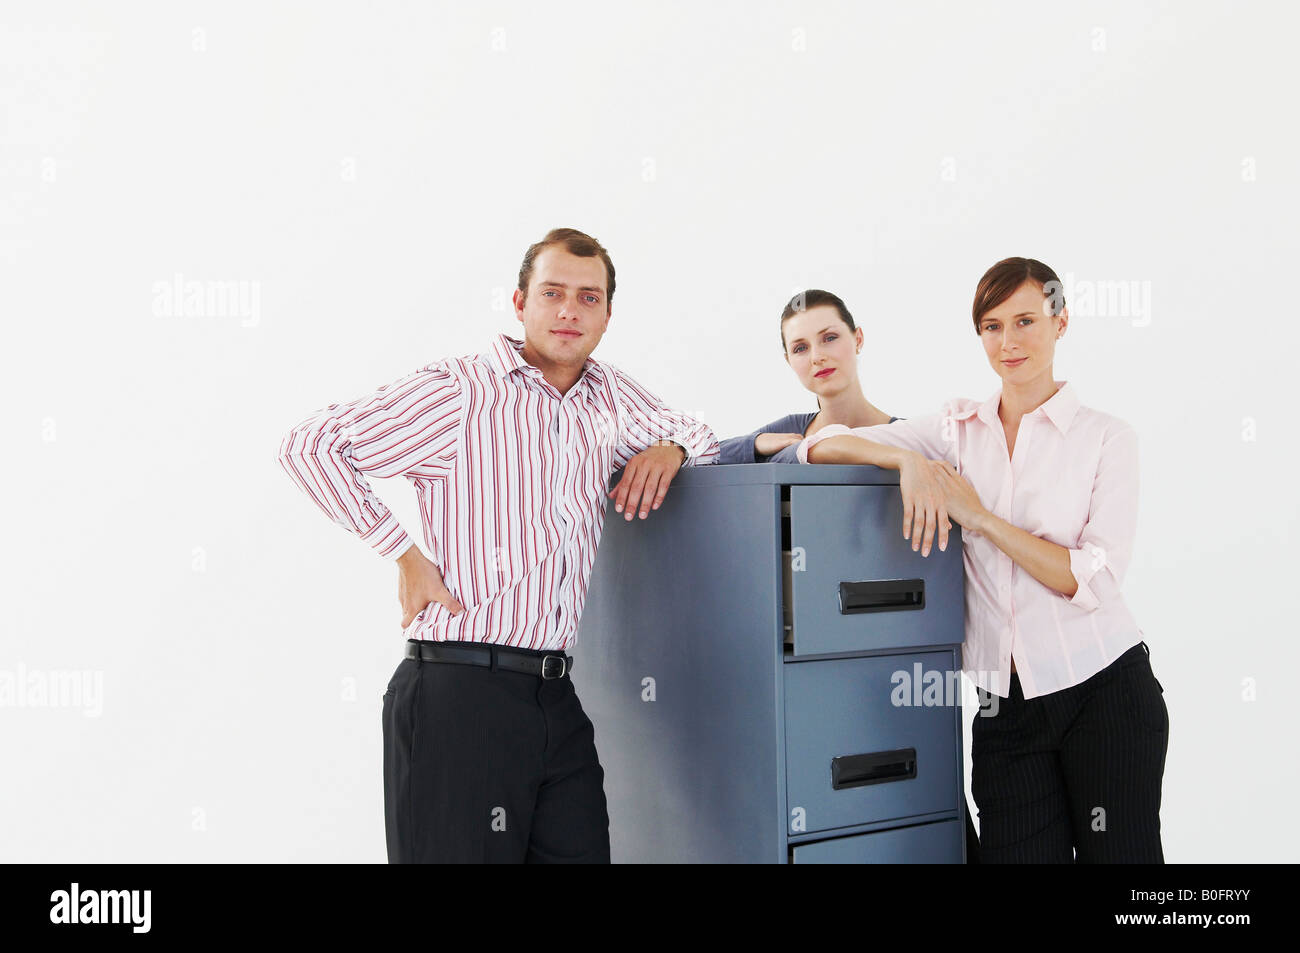 Trois personnes s'appuyer sur l'armoire Photo Stock